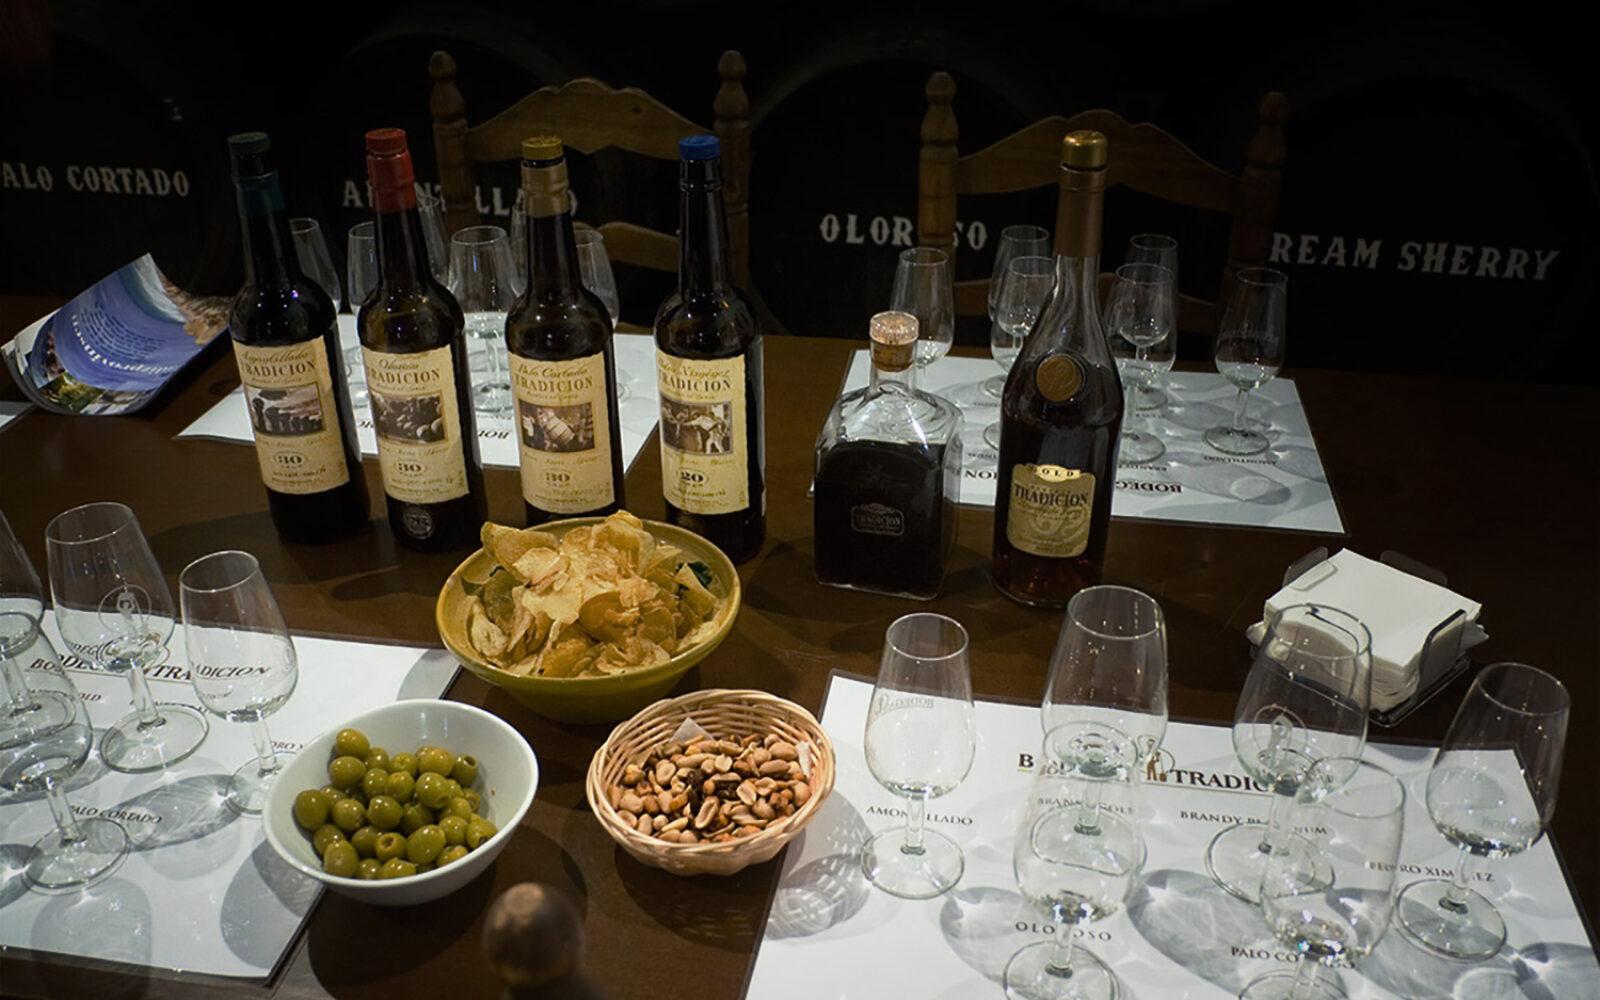 Tag til sherrysmagning i Jerez